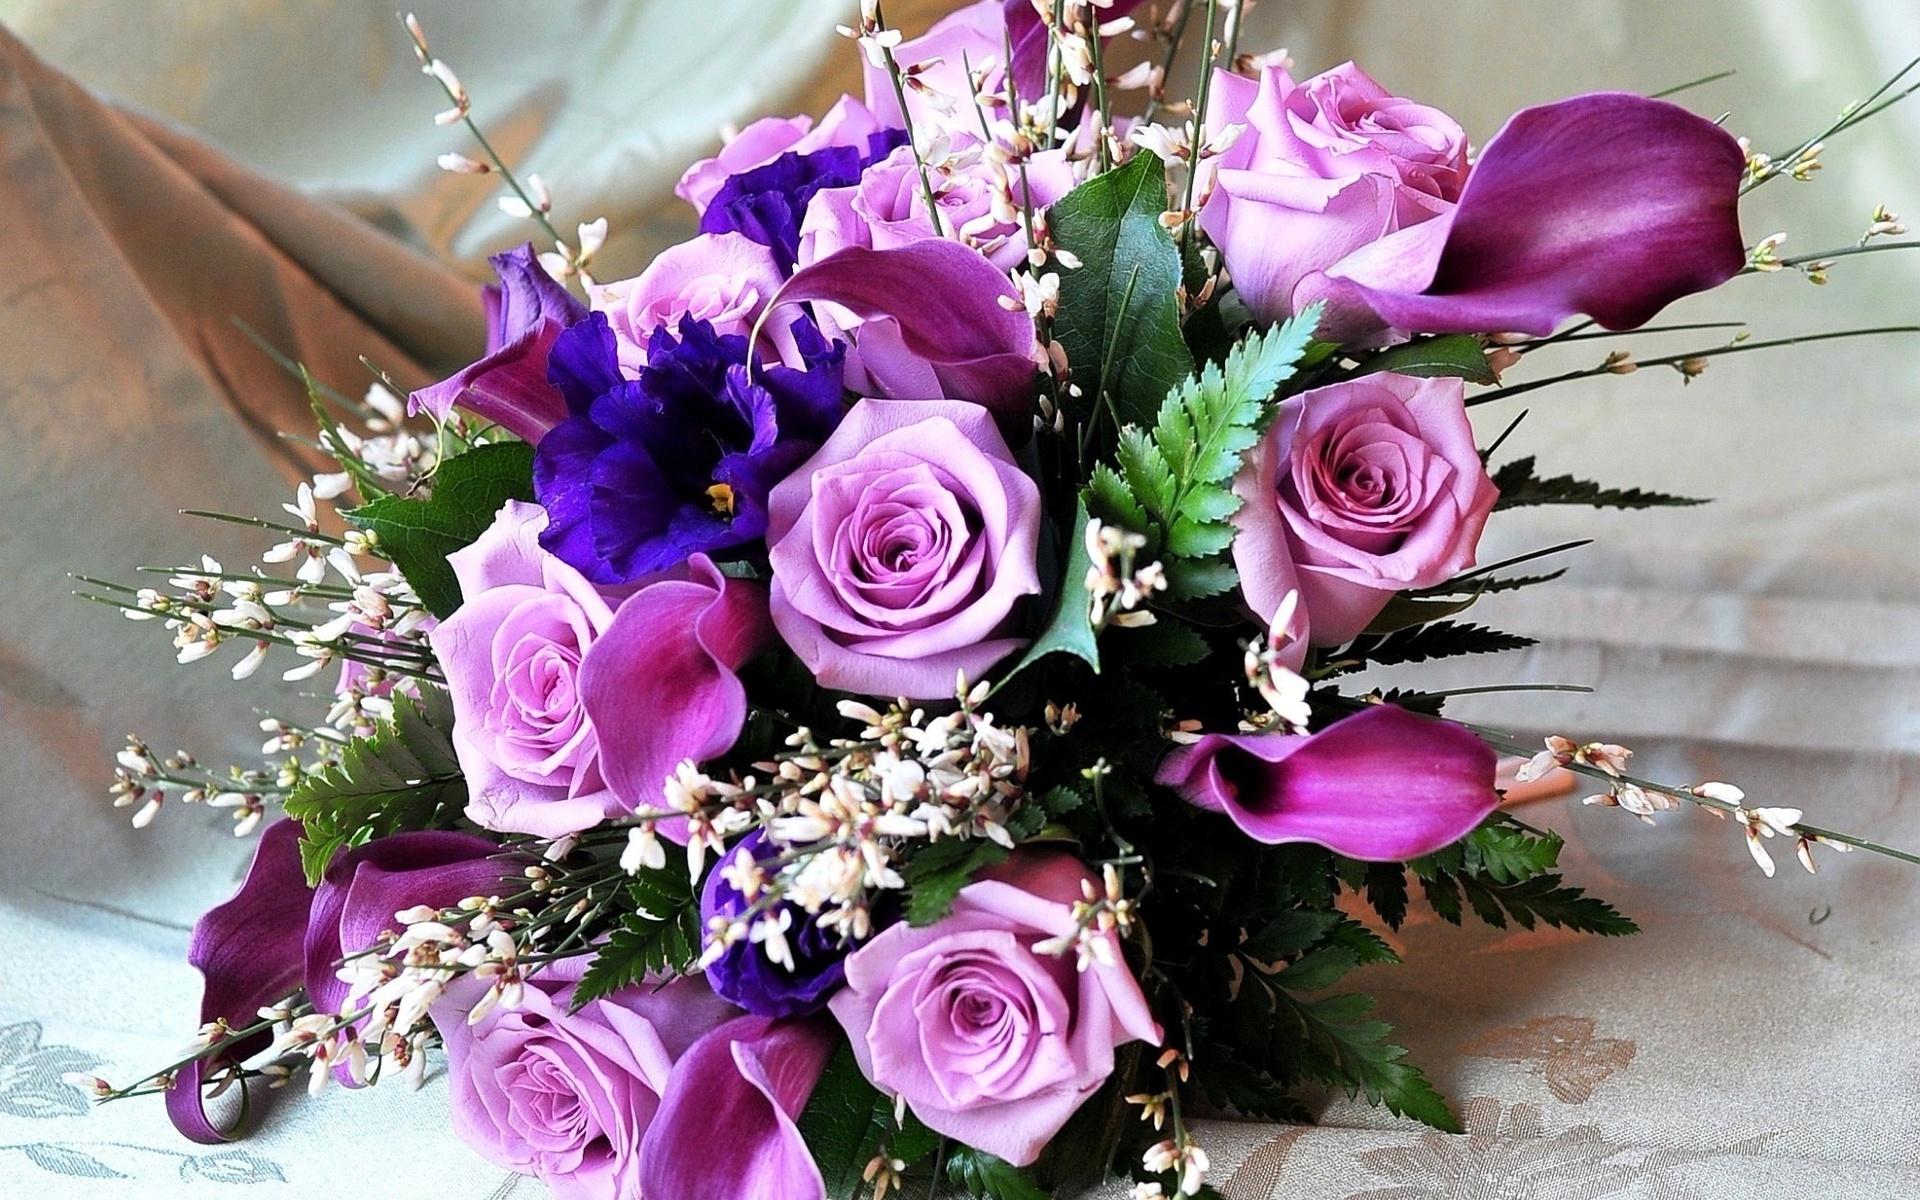 Открытки с цветами отправить, онлайн марта